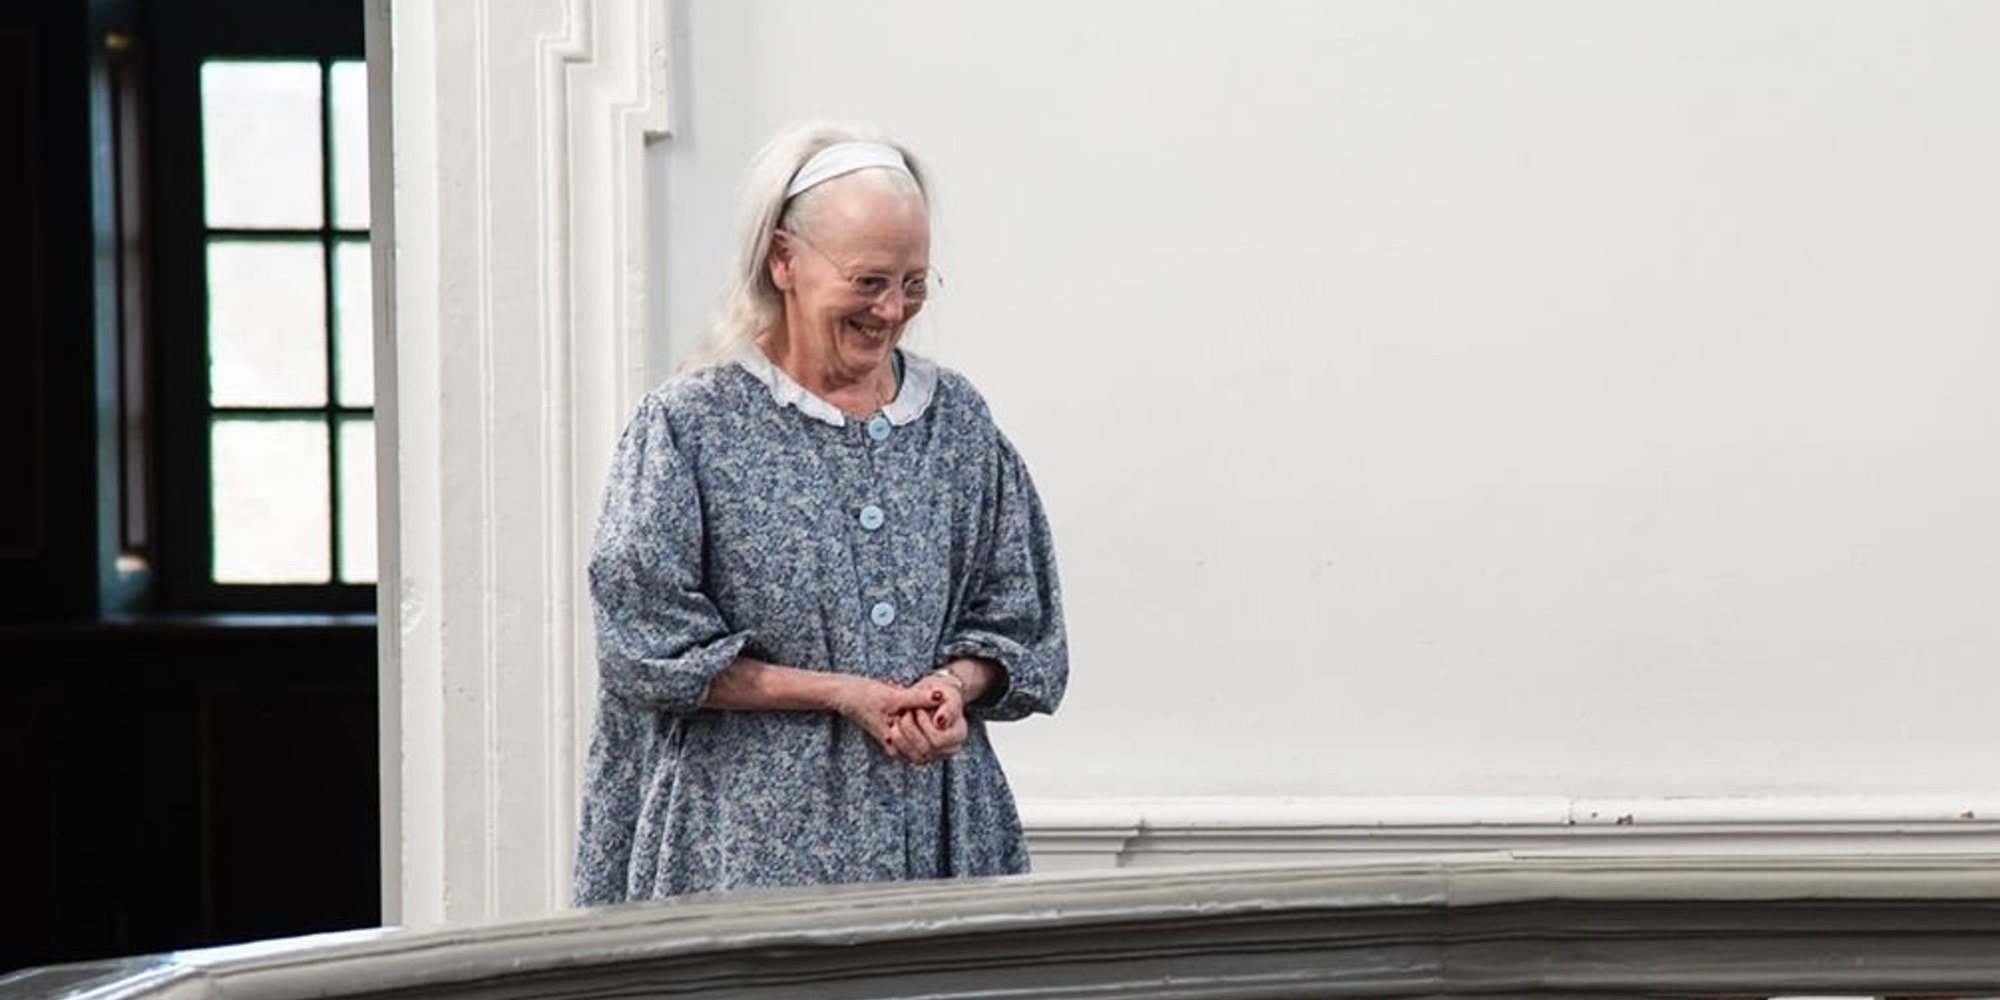 La Reina Margarita de Dinamarca muestra su aspecto más natural al recibir las felicitaciones por su 80 cumpleaños